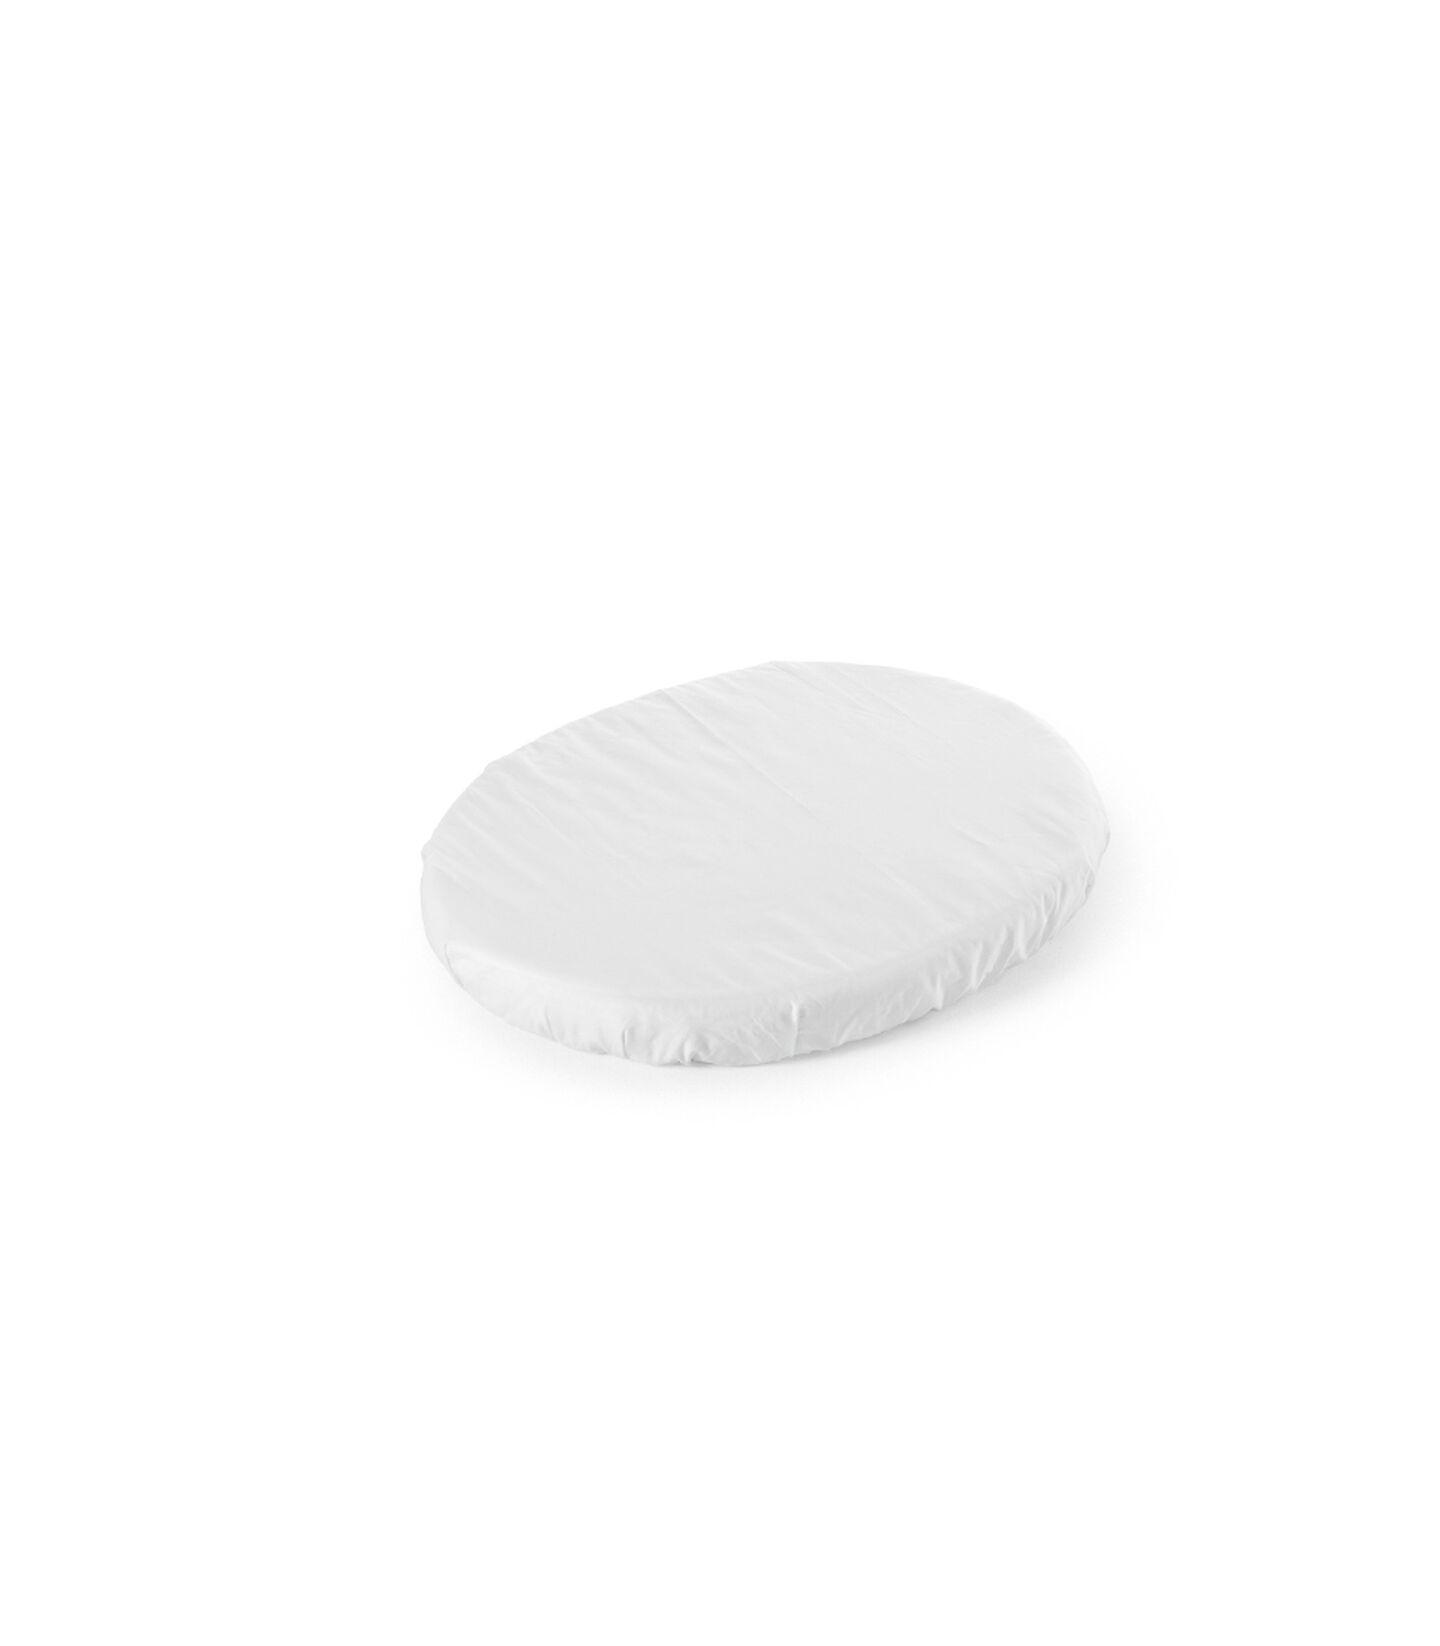 Stokke® Sleepi™ Mini - Prześcieradło White, White, mainview view 2